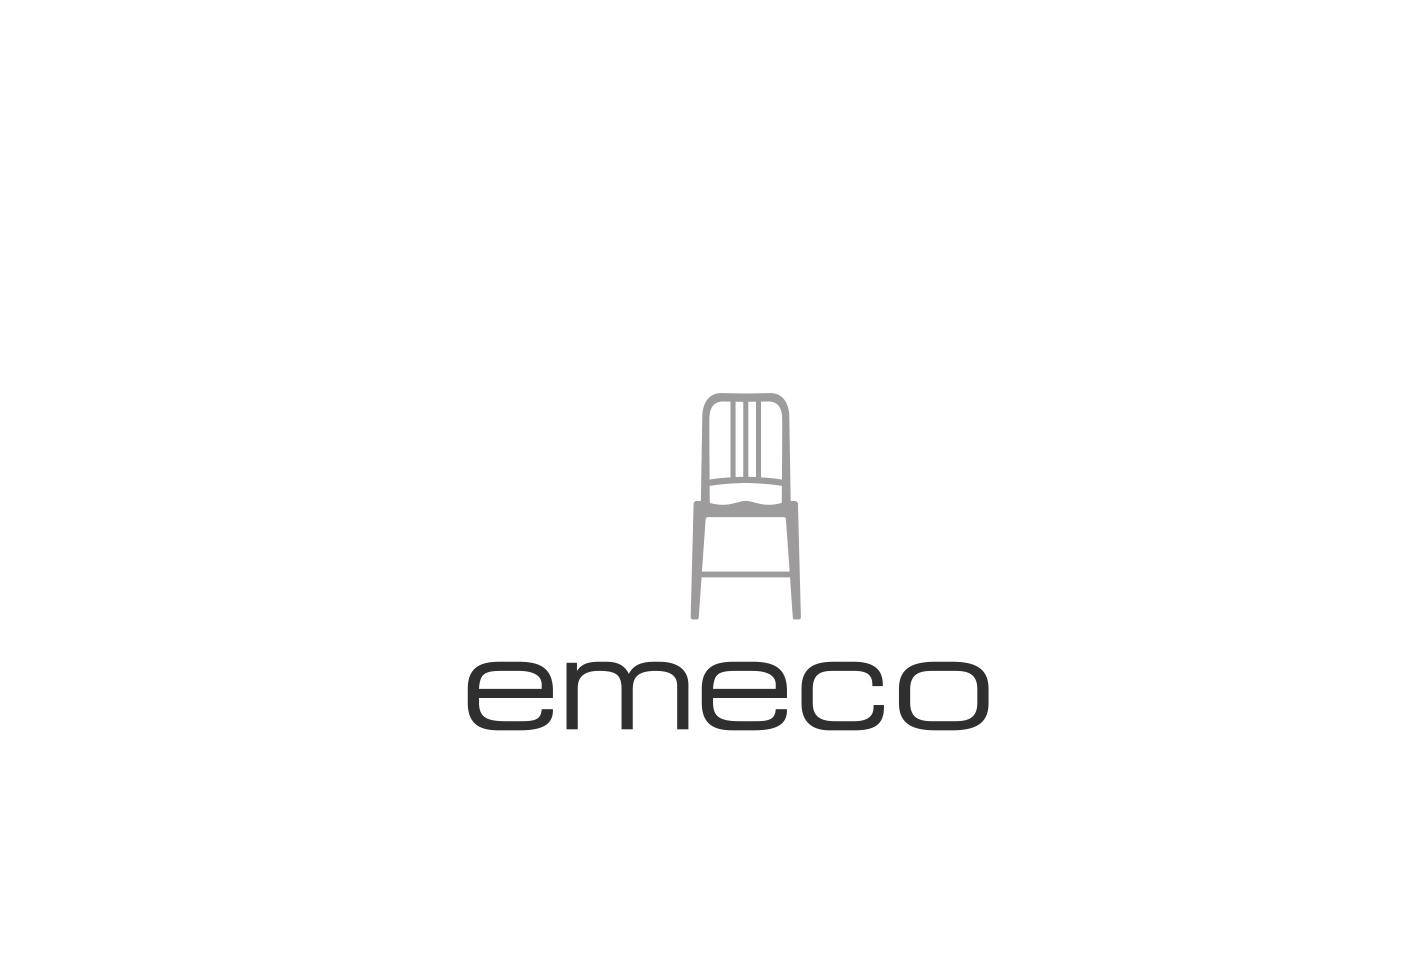 Emeco_Logo_for_Print.jpg